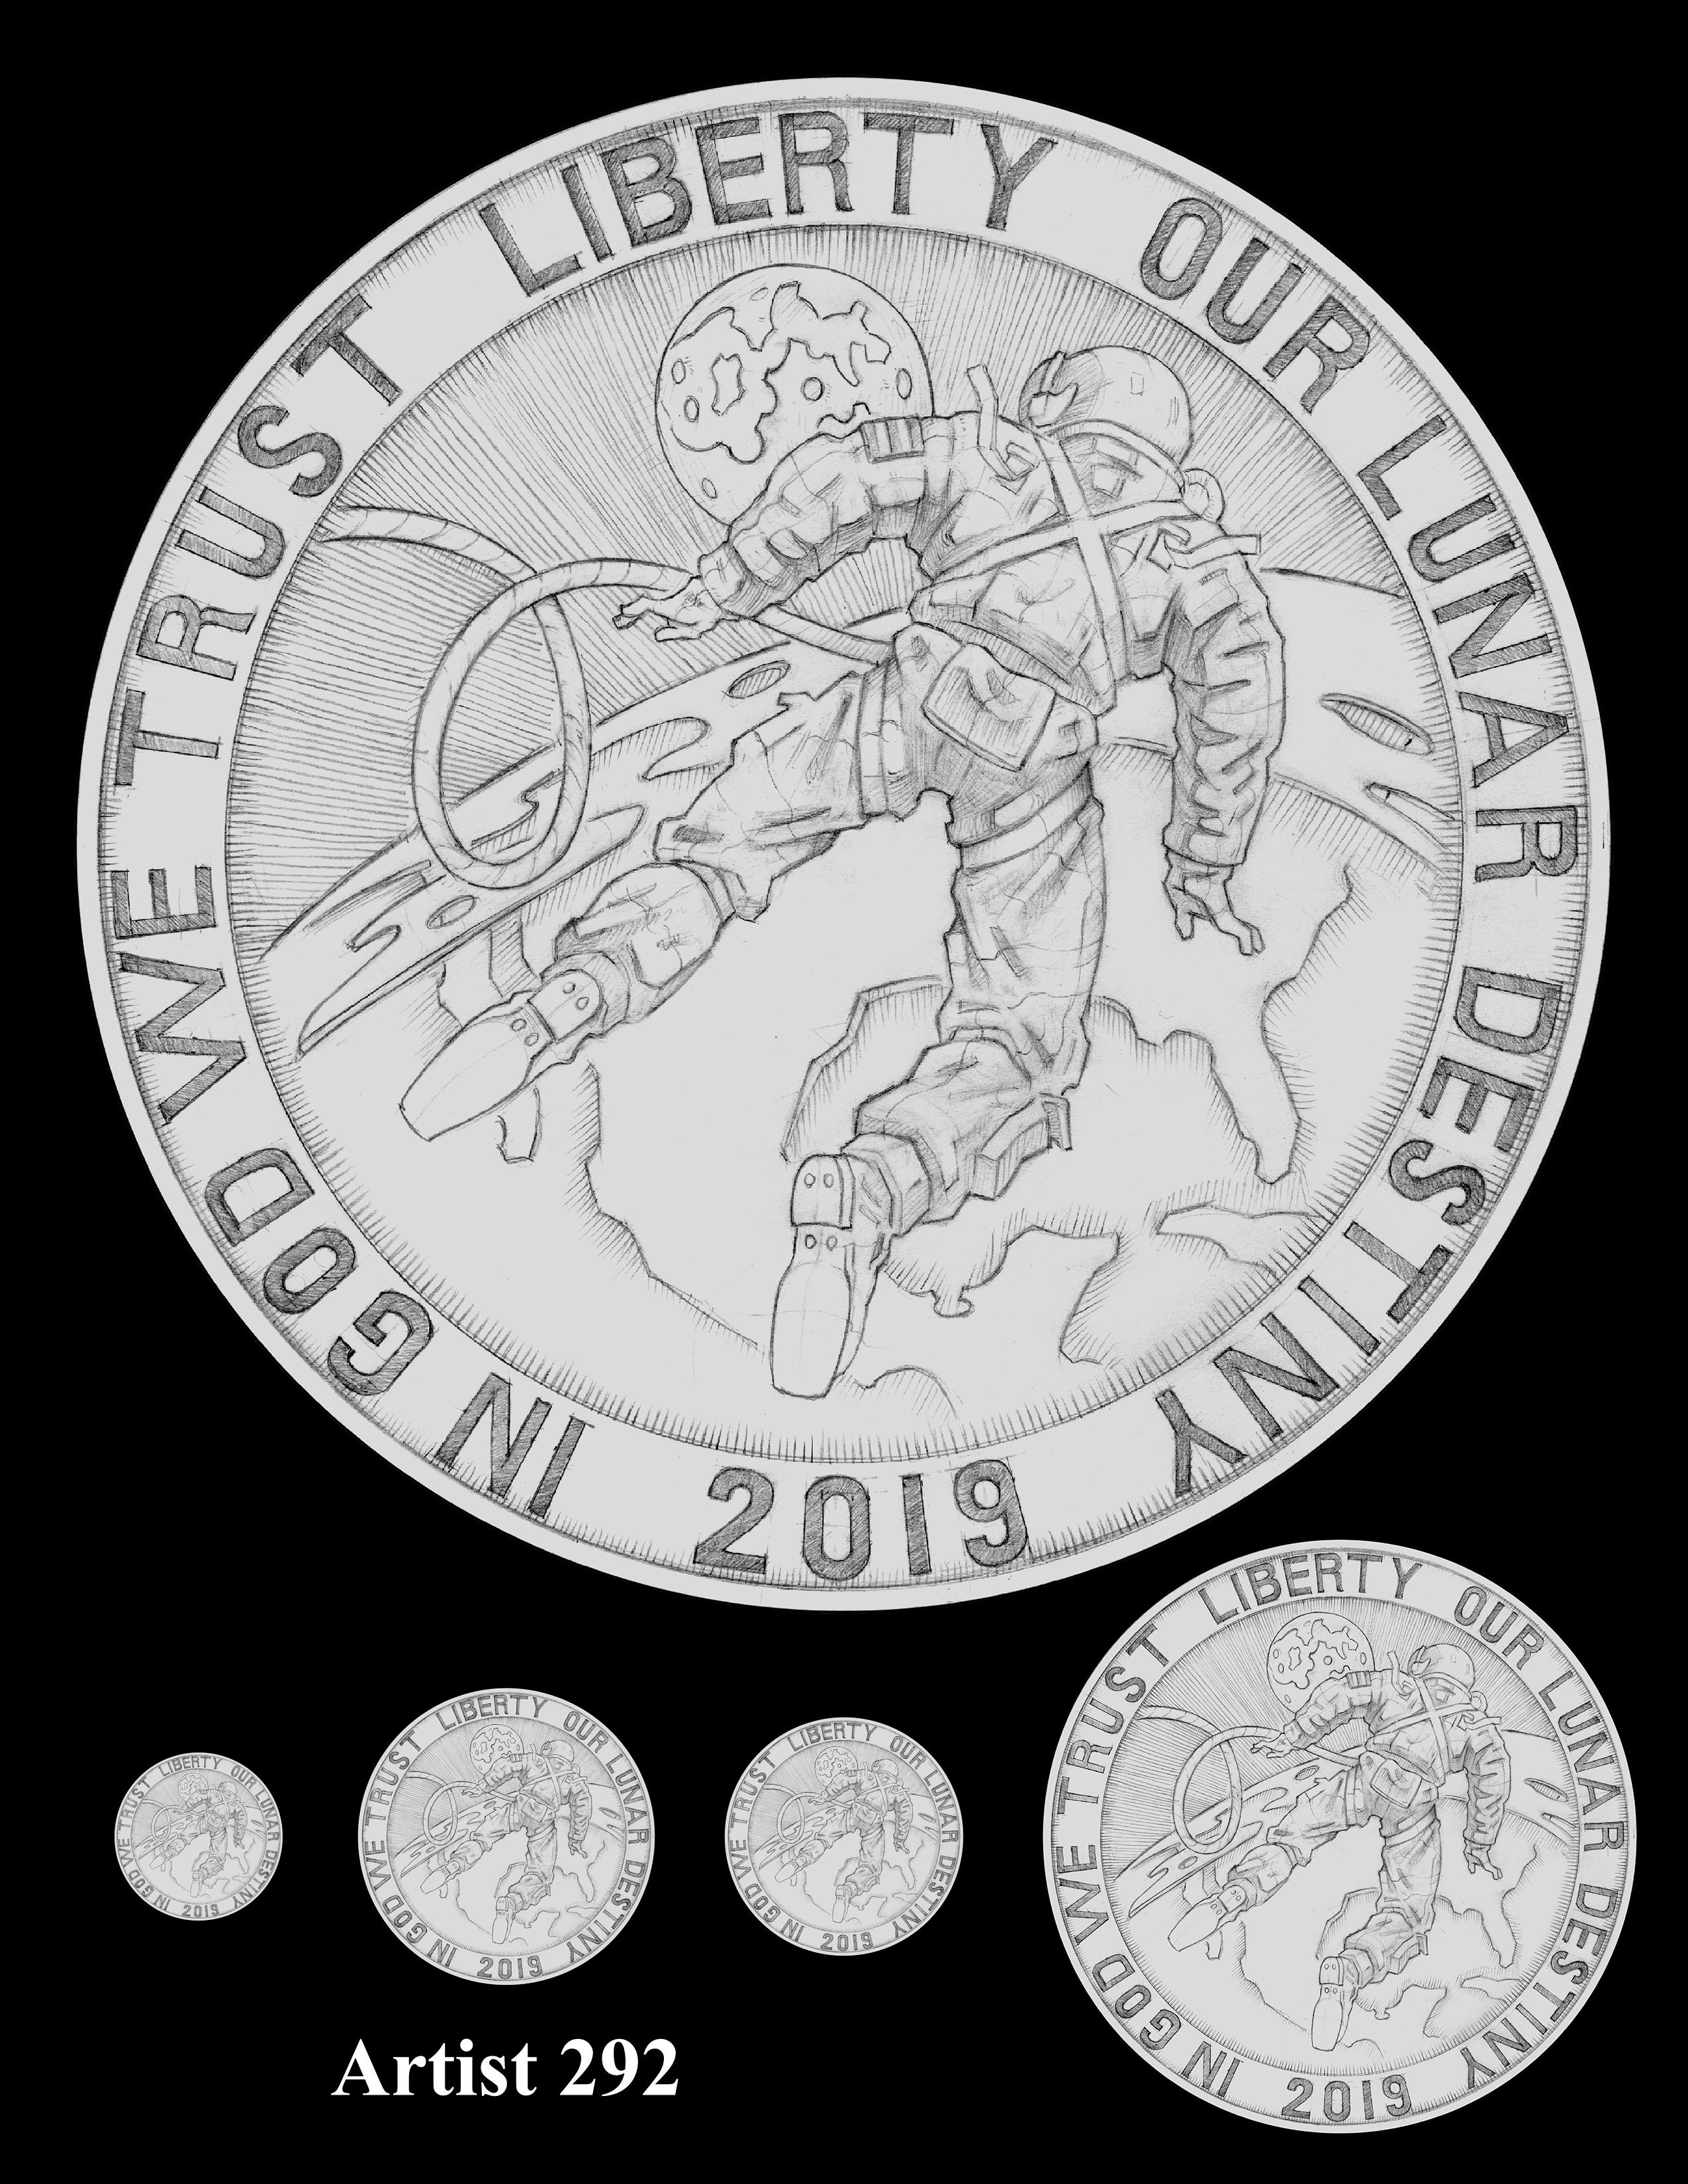 Artist 292 -- Apollo 11 50th Anniversary Commemorative Coin Obverse Design Competition